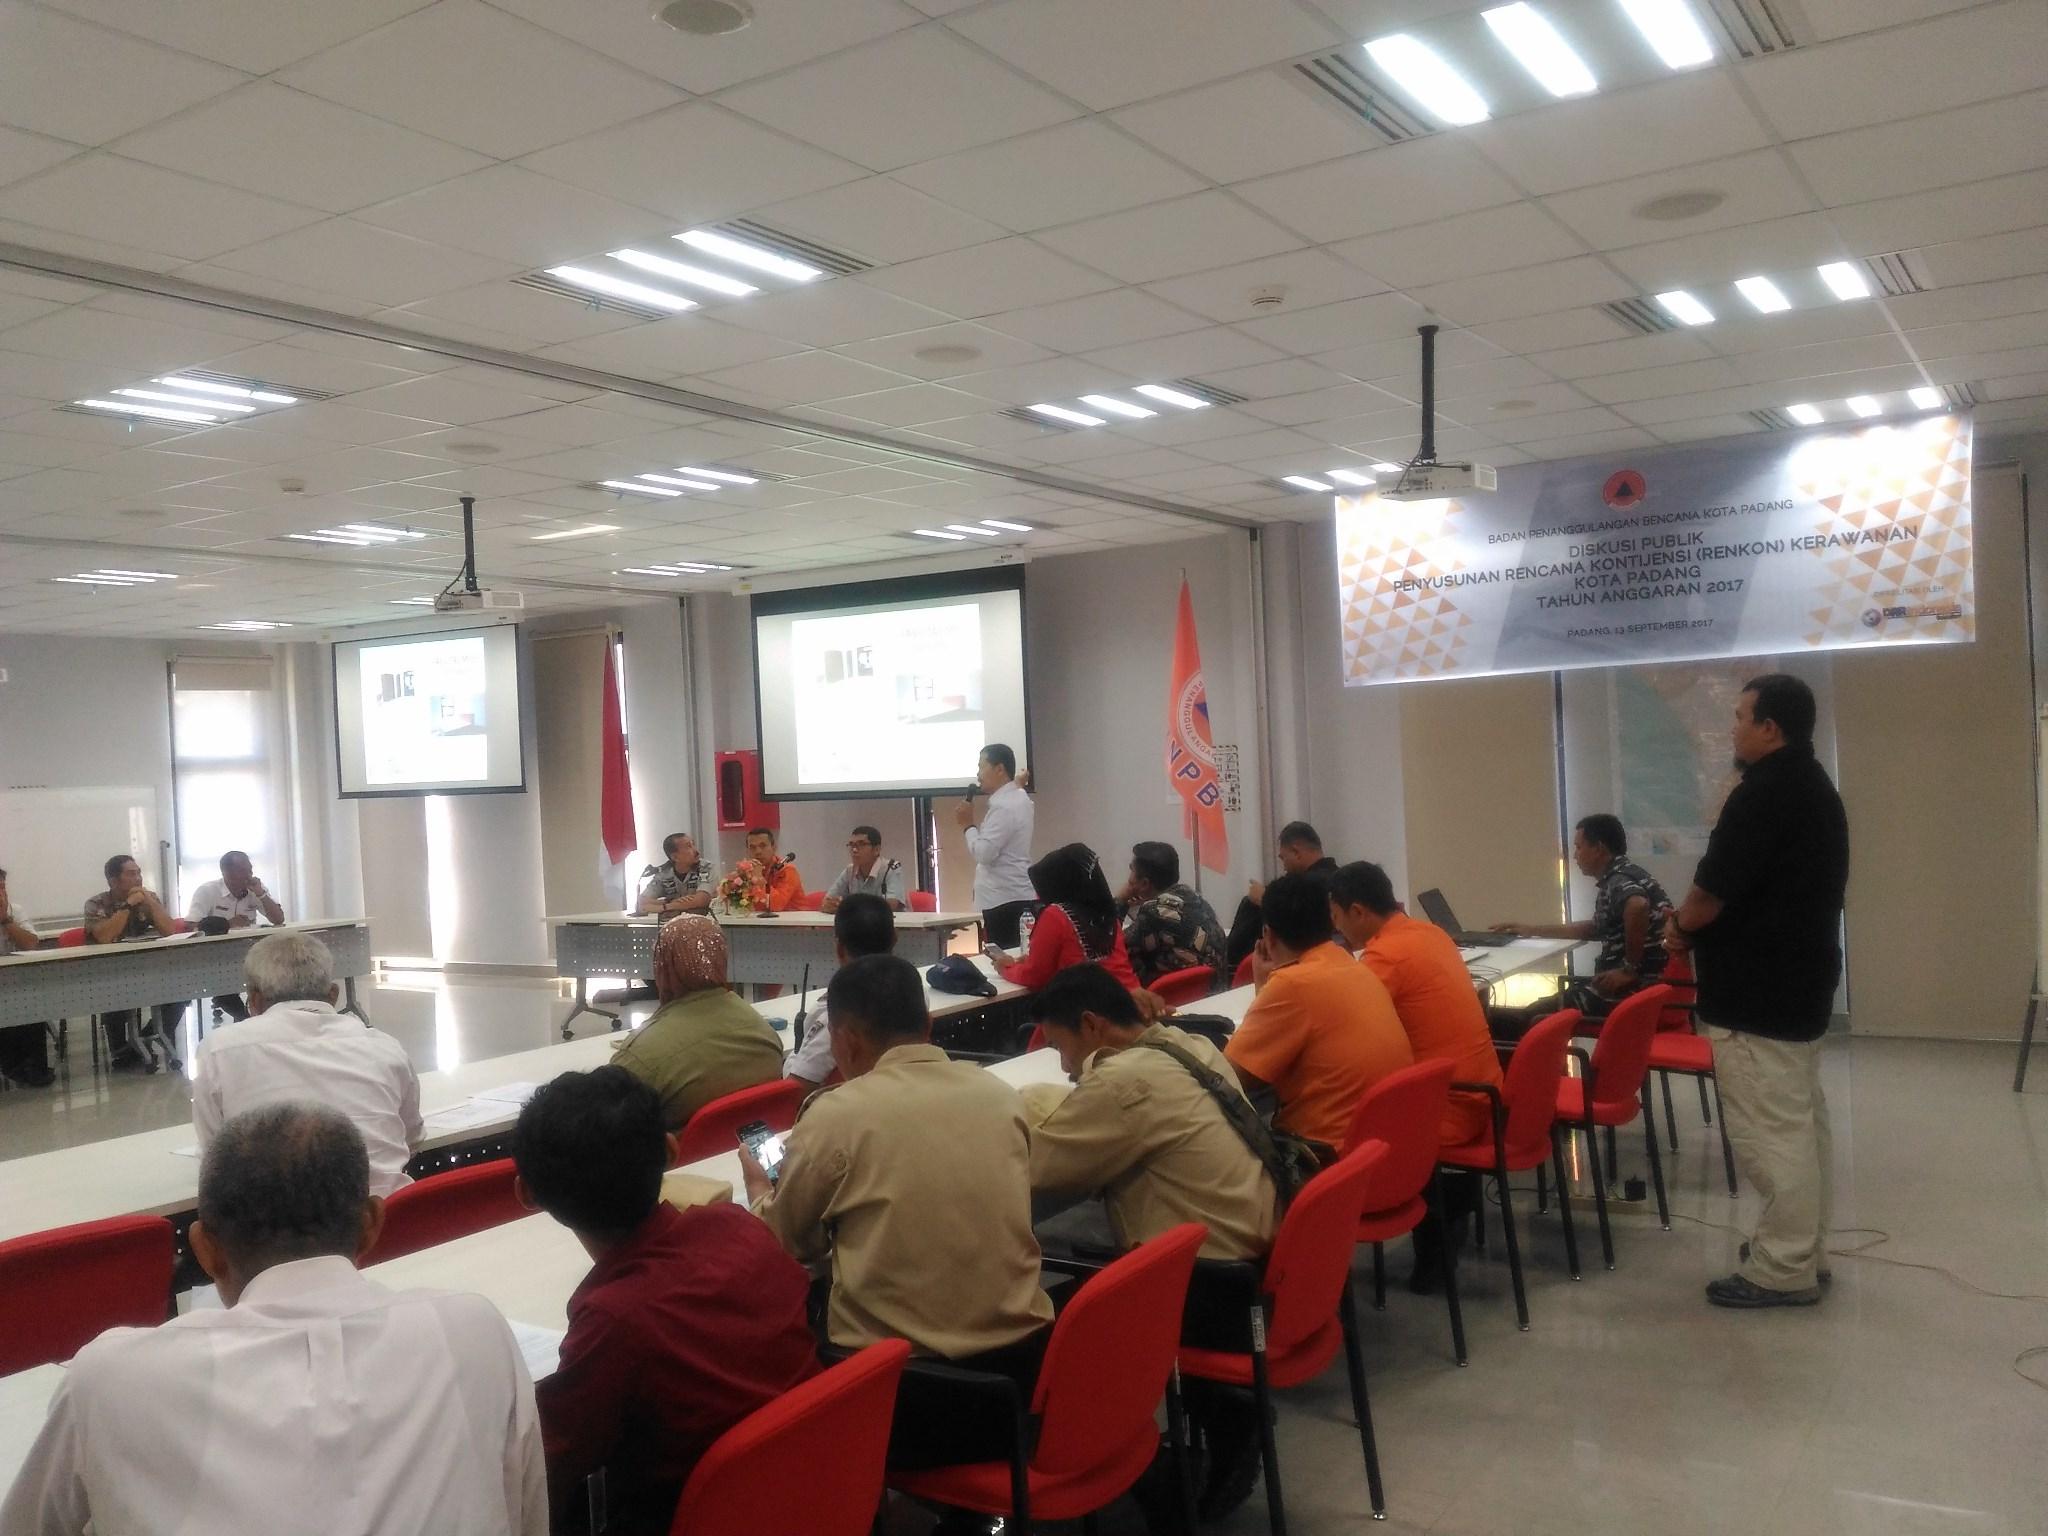 DRRI Indonesia Memfasilitasi Penyusunan Renkon Kerawanan Kota Padang